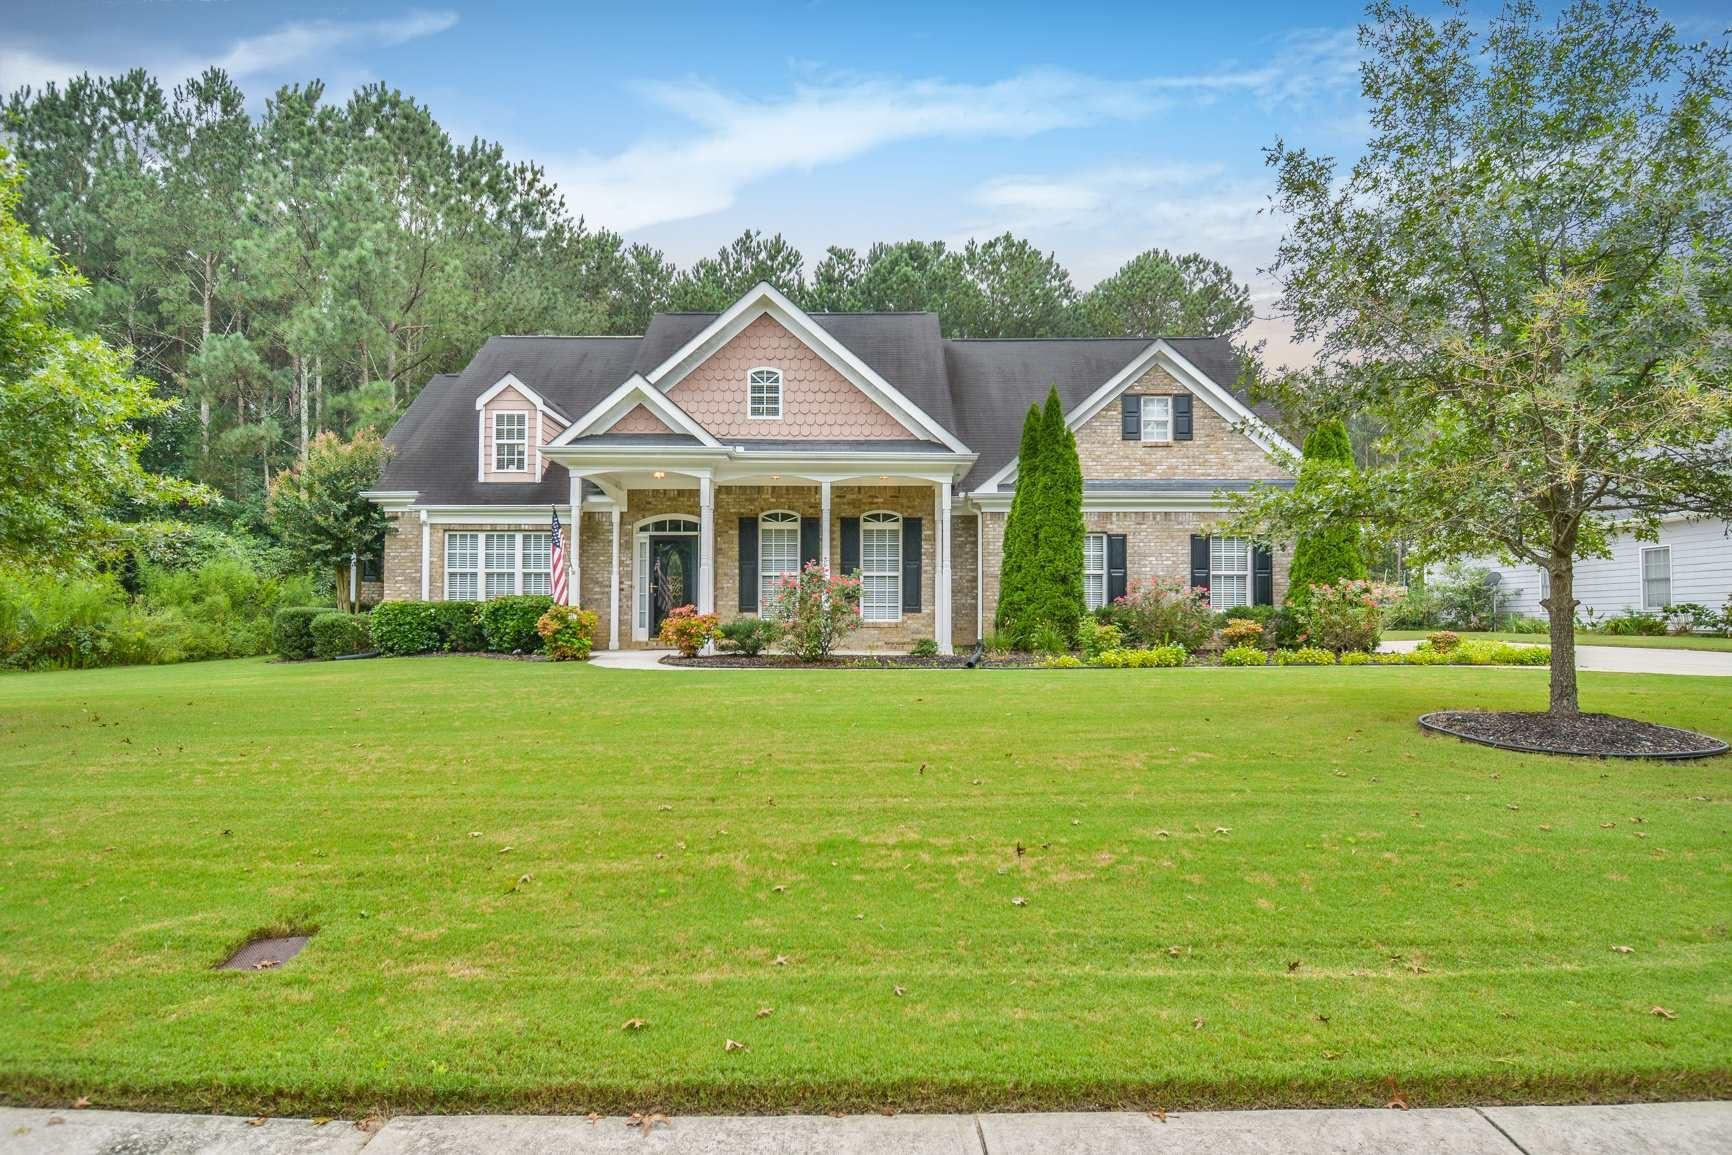 3487 Tiffany Cv, Loganville, GA 30052 - #: 8860919